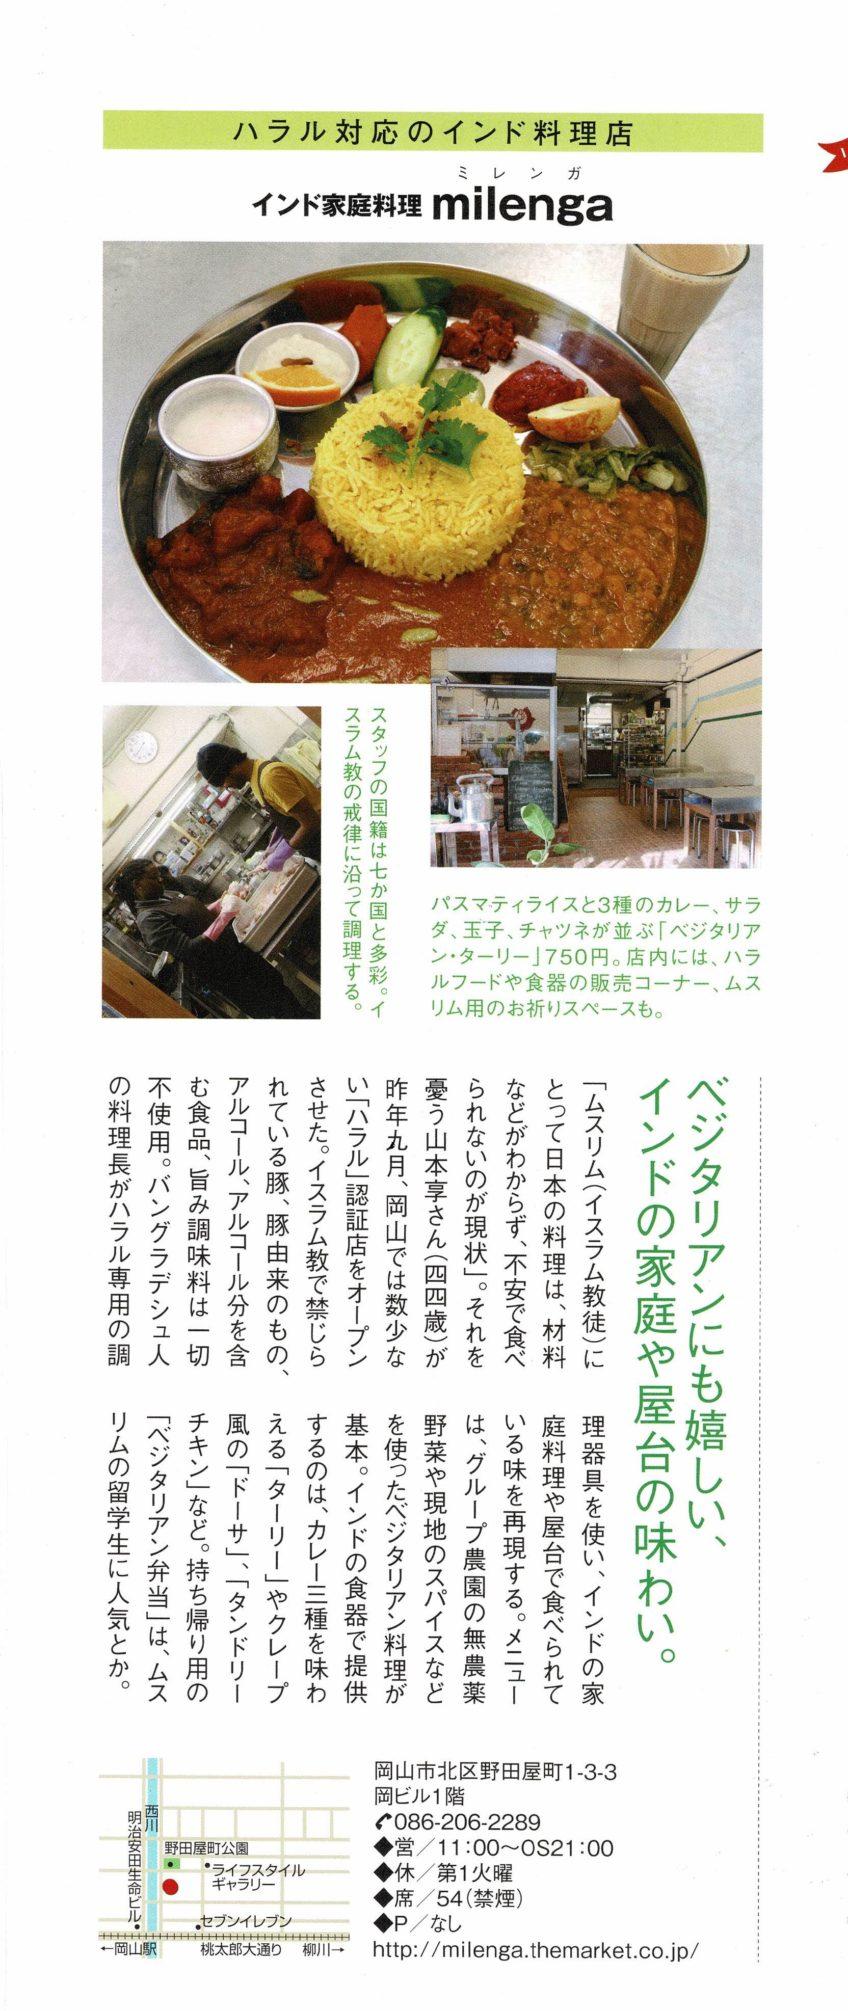 2016年2月25日-Osera陽春No.080-ミレンガ